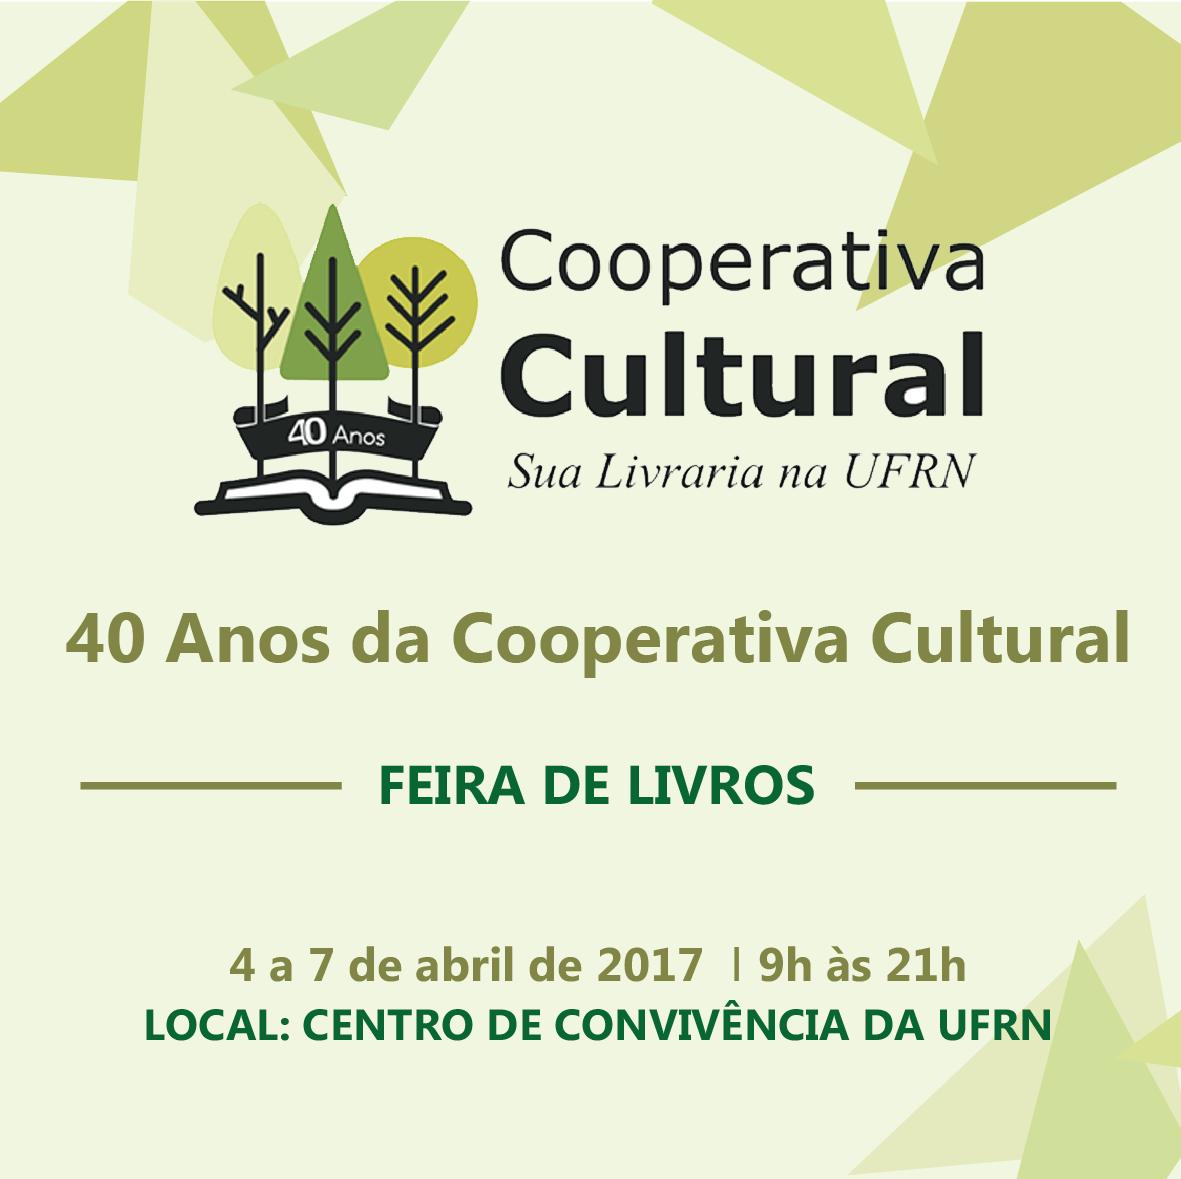 Programação Cultural dos 40 anos da Cooperativa Cultural - 4 a 7 de abril de 2017 - No Centro de Convivência da UFRN